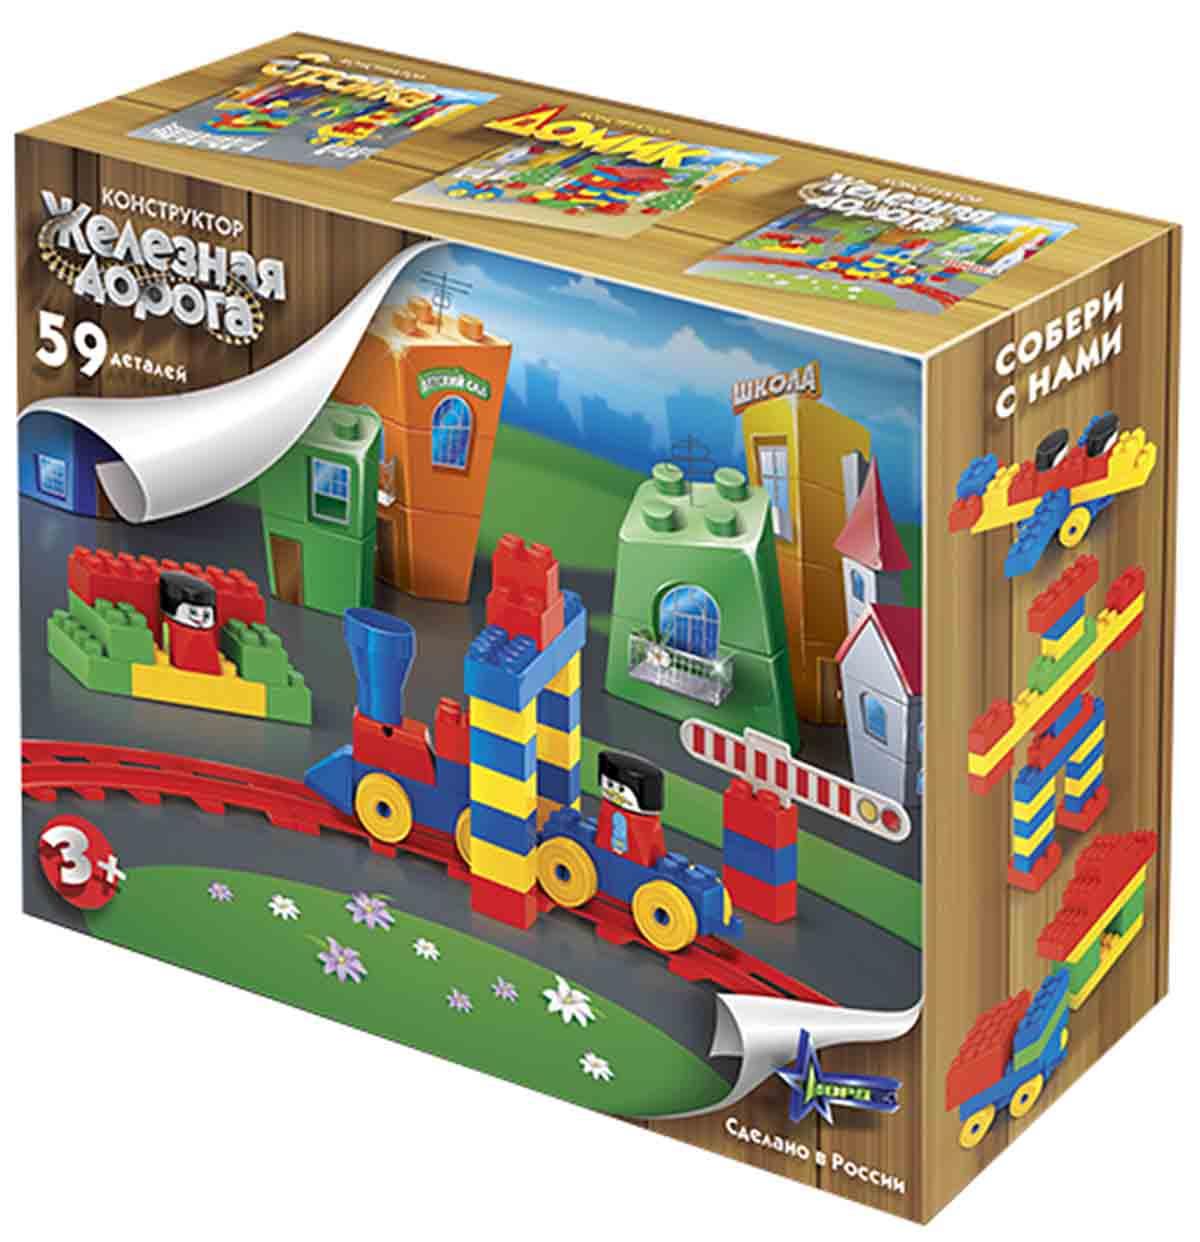 Конструктор железная дорога Нордпласт, 59 деталей, красный, синий, желтый, 29 x 24 x 8,5 см